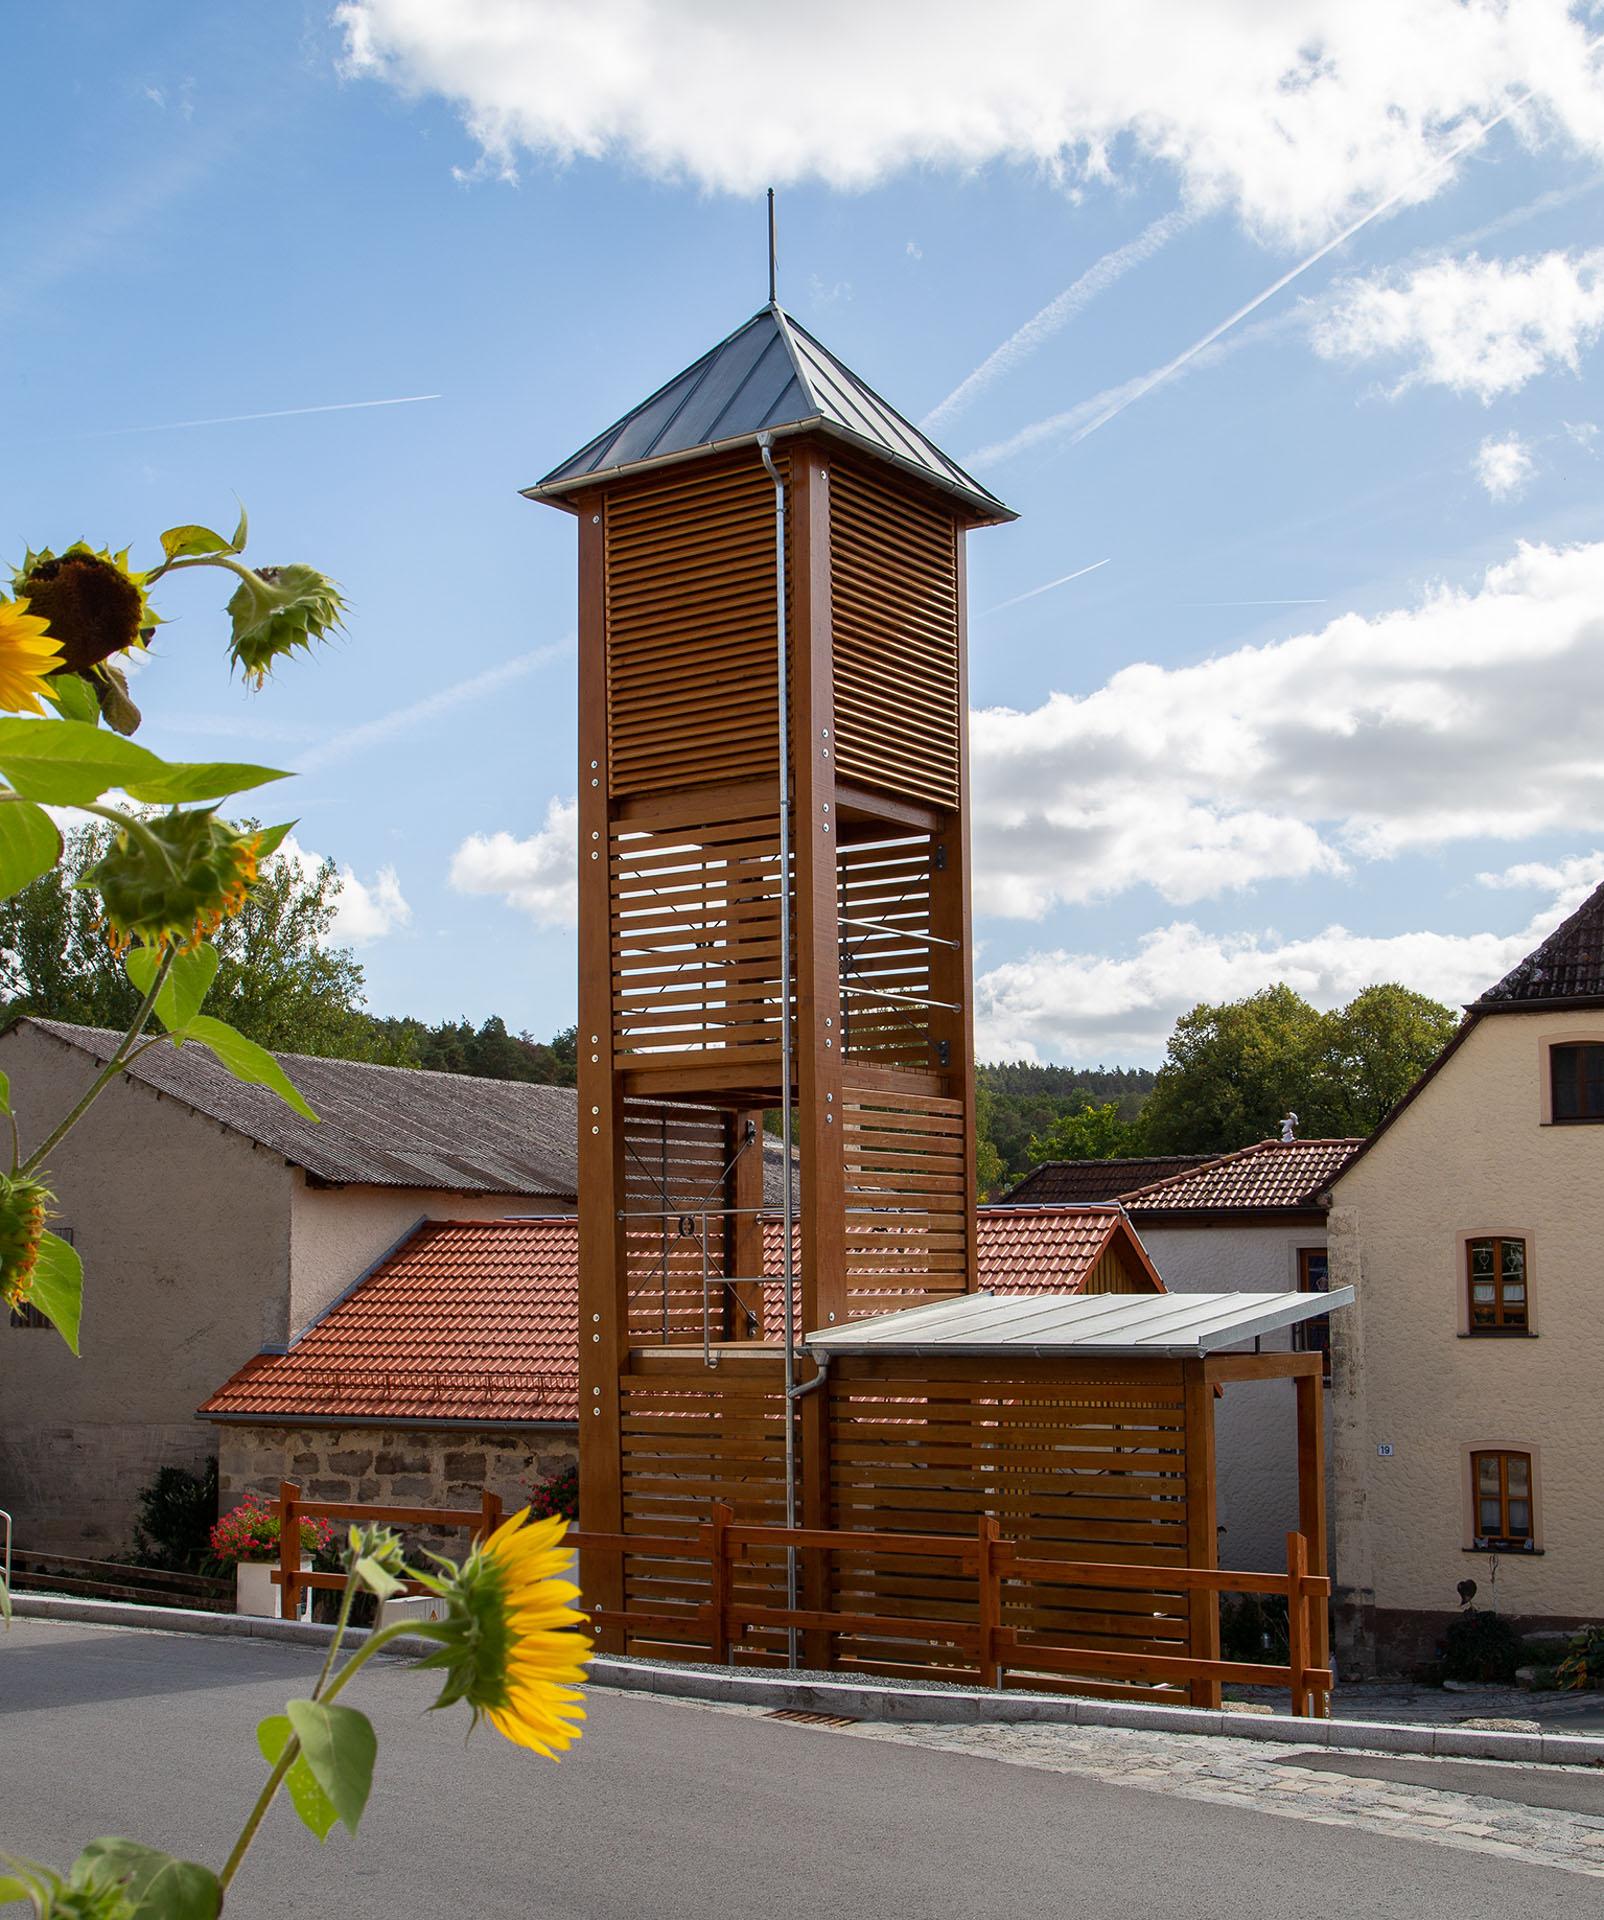 Glockenturm Oberrimbach